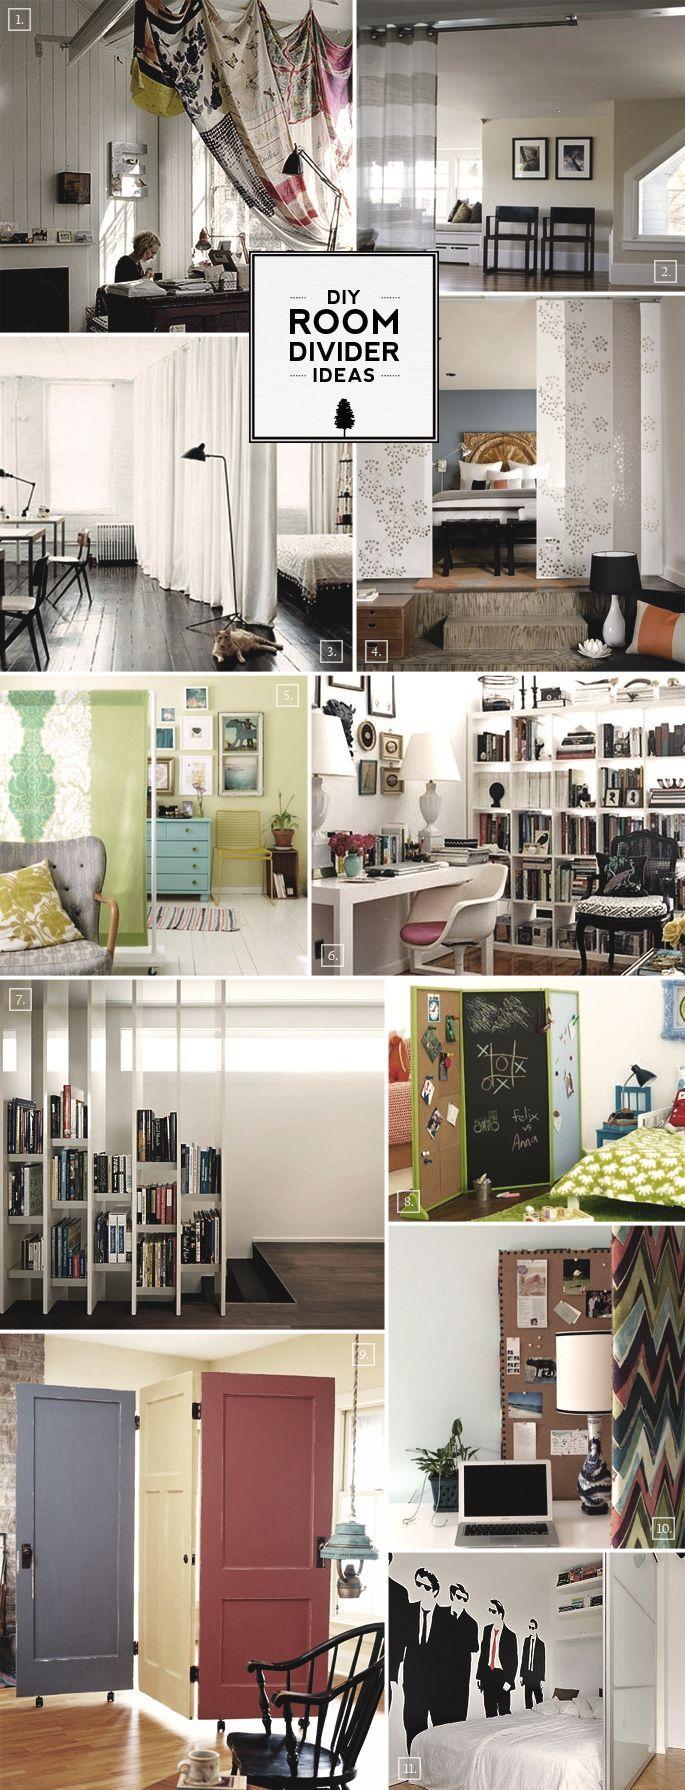 ideas mood board diy room dividers diy m bel m bel und. Black Bedroom Furniture Sets. Home Design Ideas